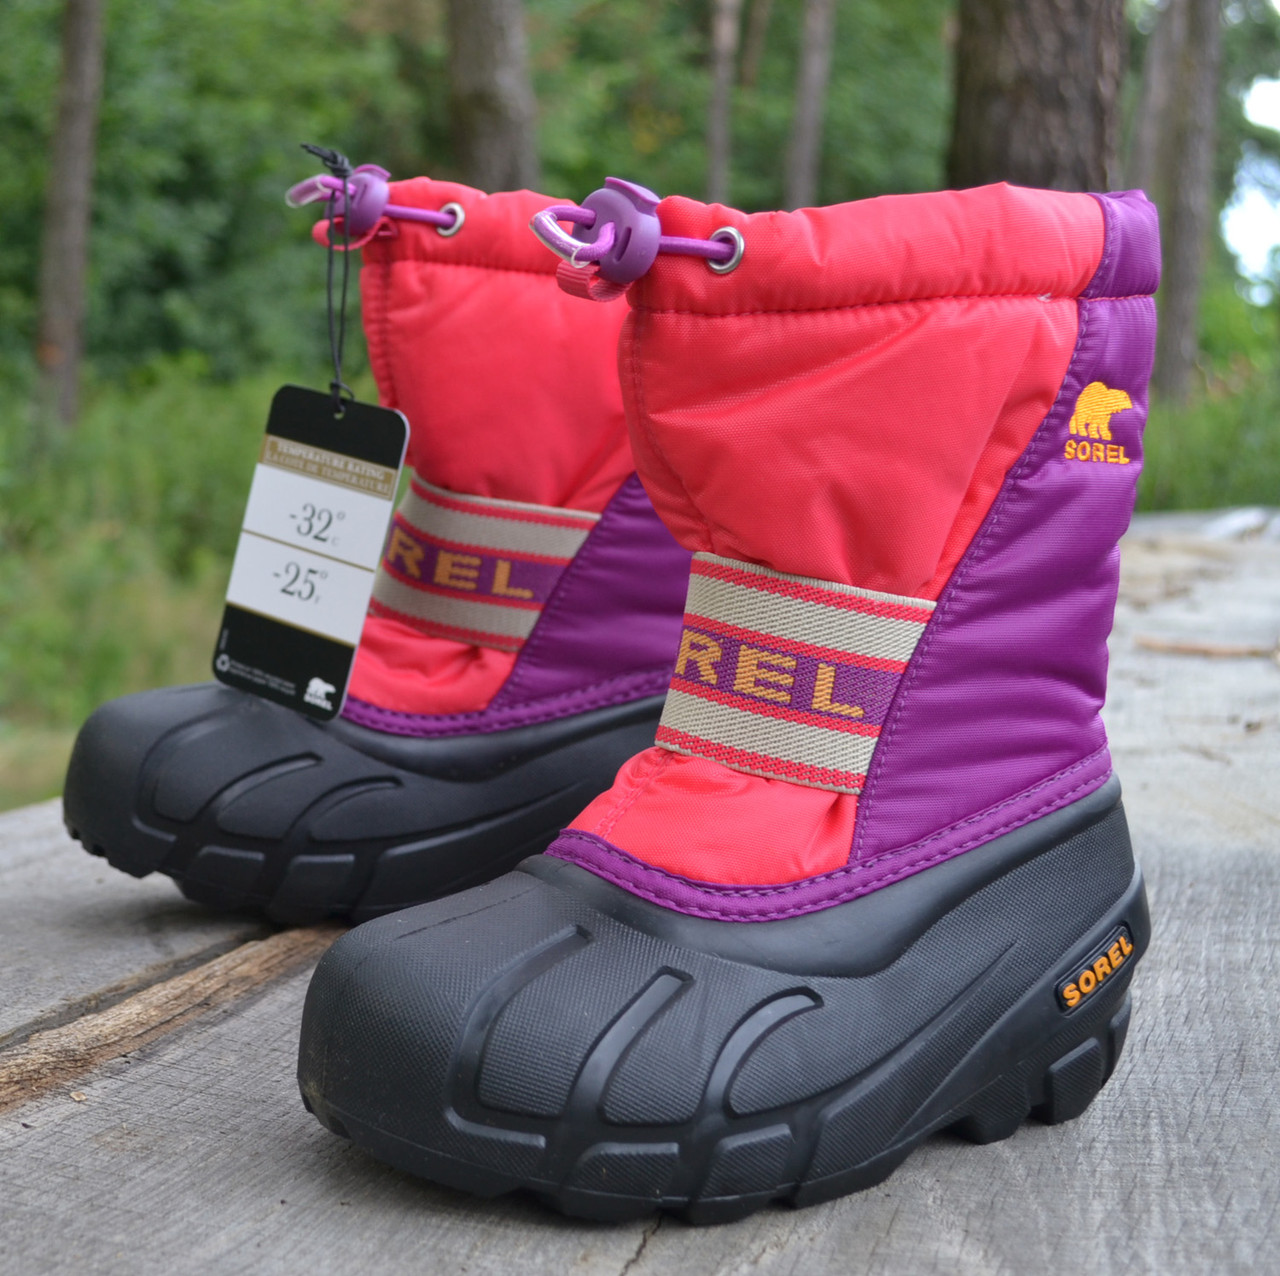 279fc0bcf4fe Теплые зимние сапожки Sorel (Канада) р 29. Интернет-магазин брендовой обуви  -